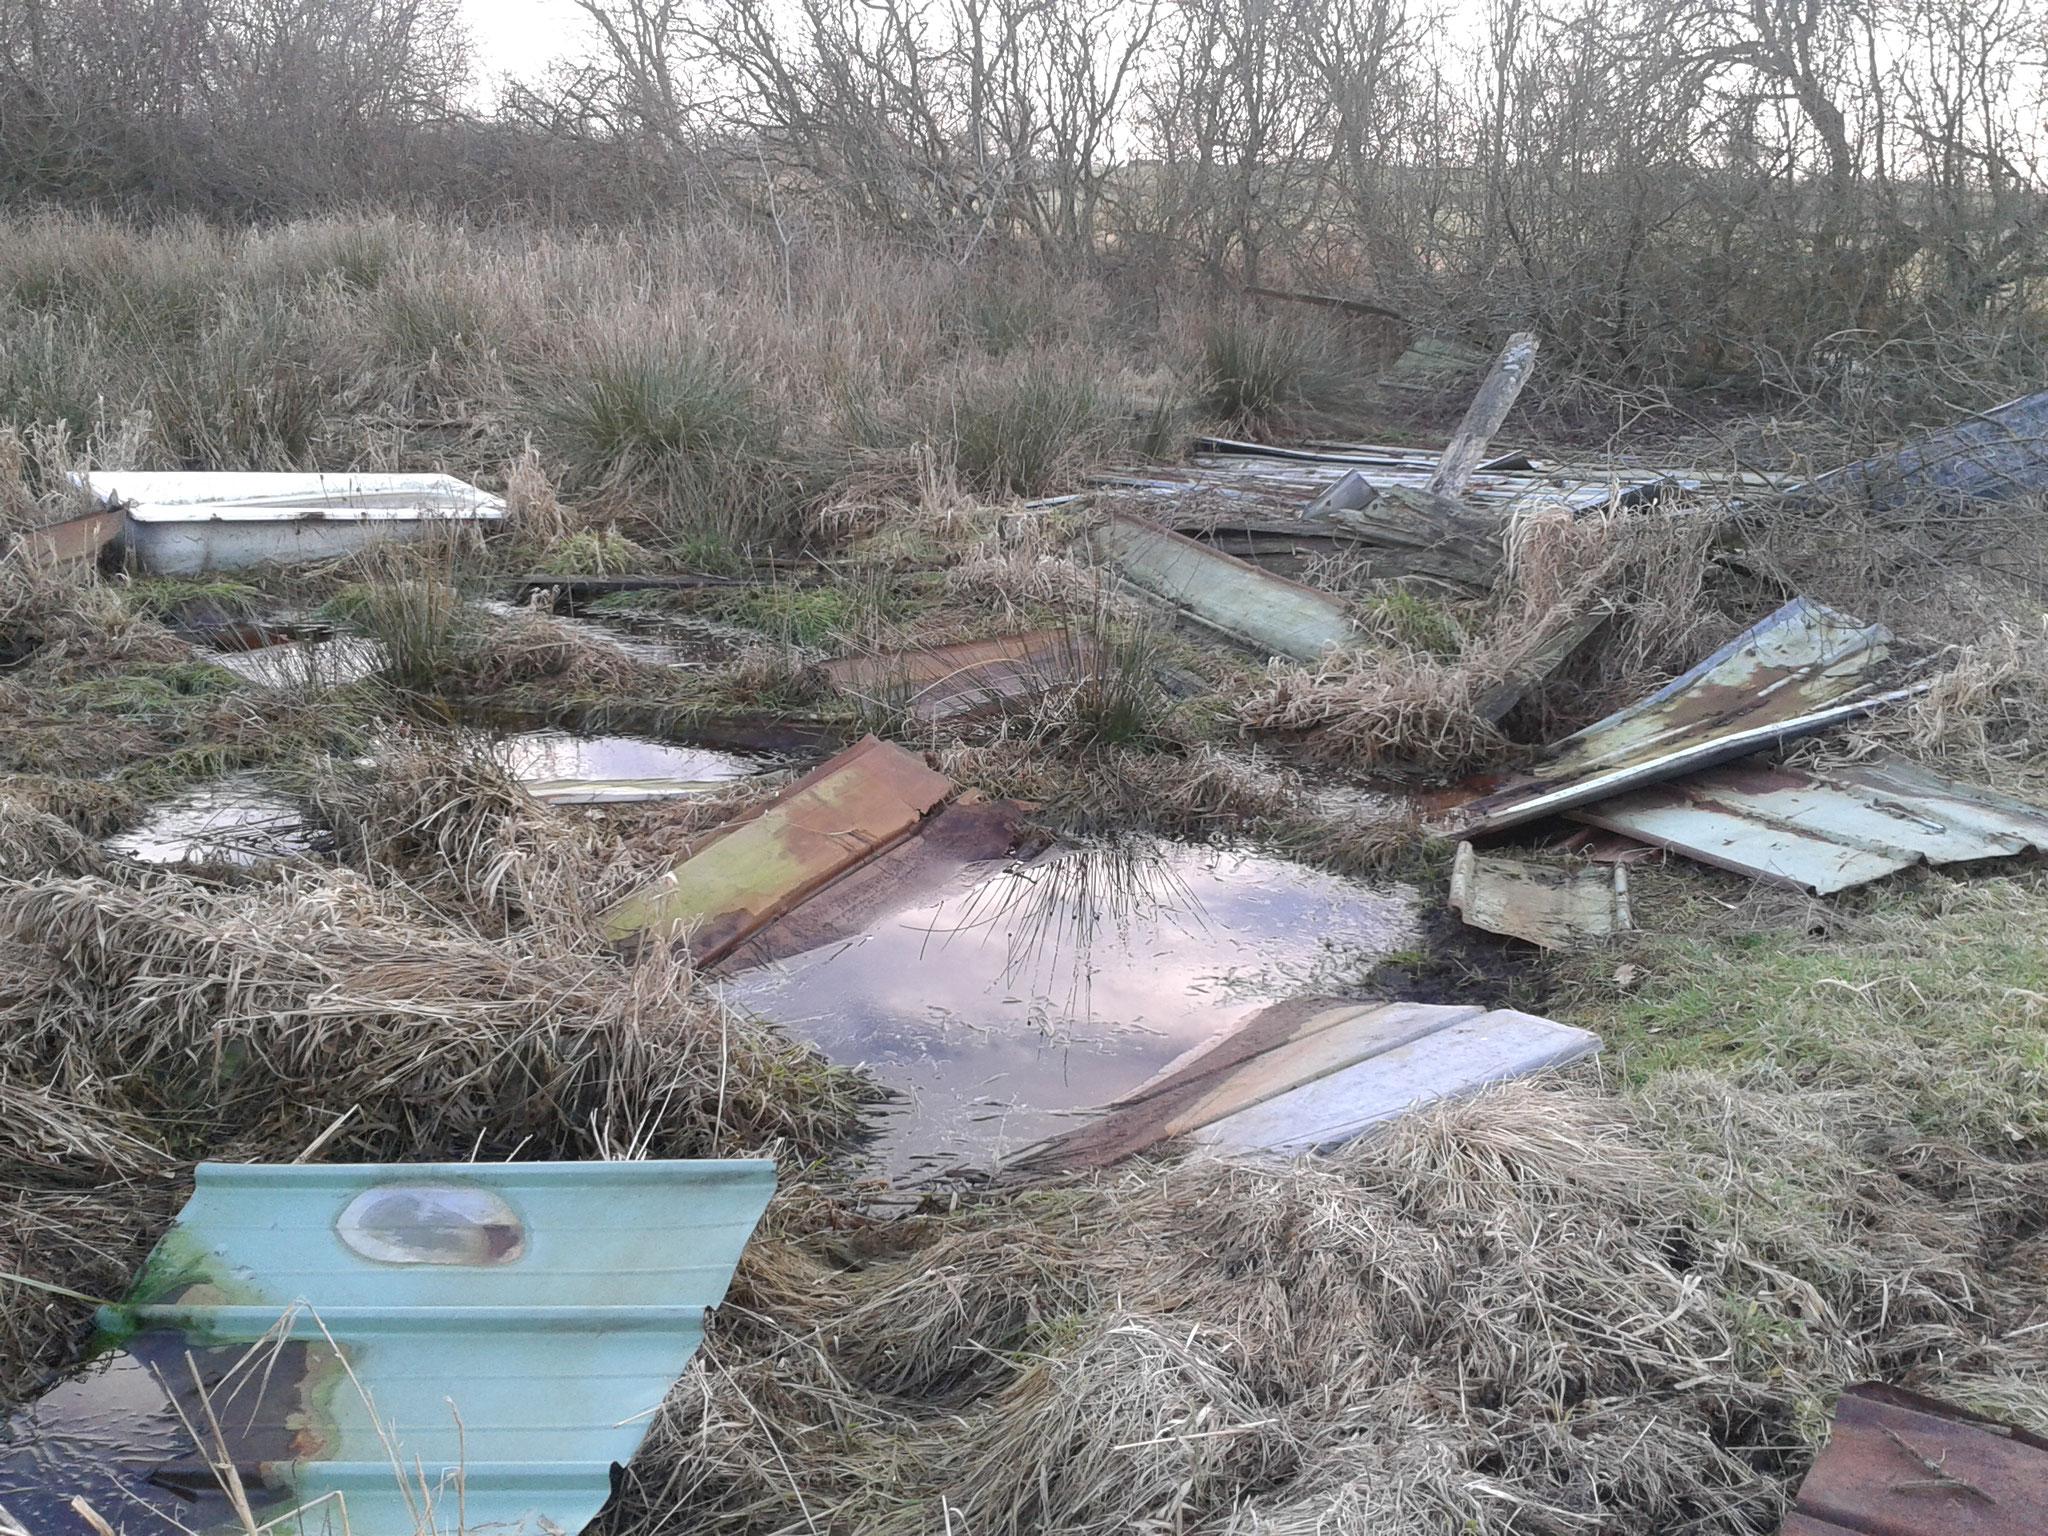 2015: Die Reste des zusammengebrochenen Tierunterstandes wurden von uns als erstes abgeräumt und entsorgt.